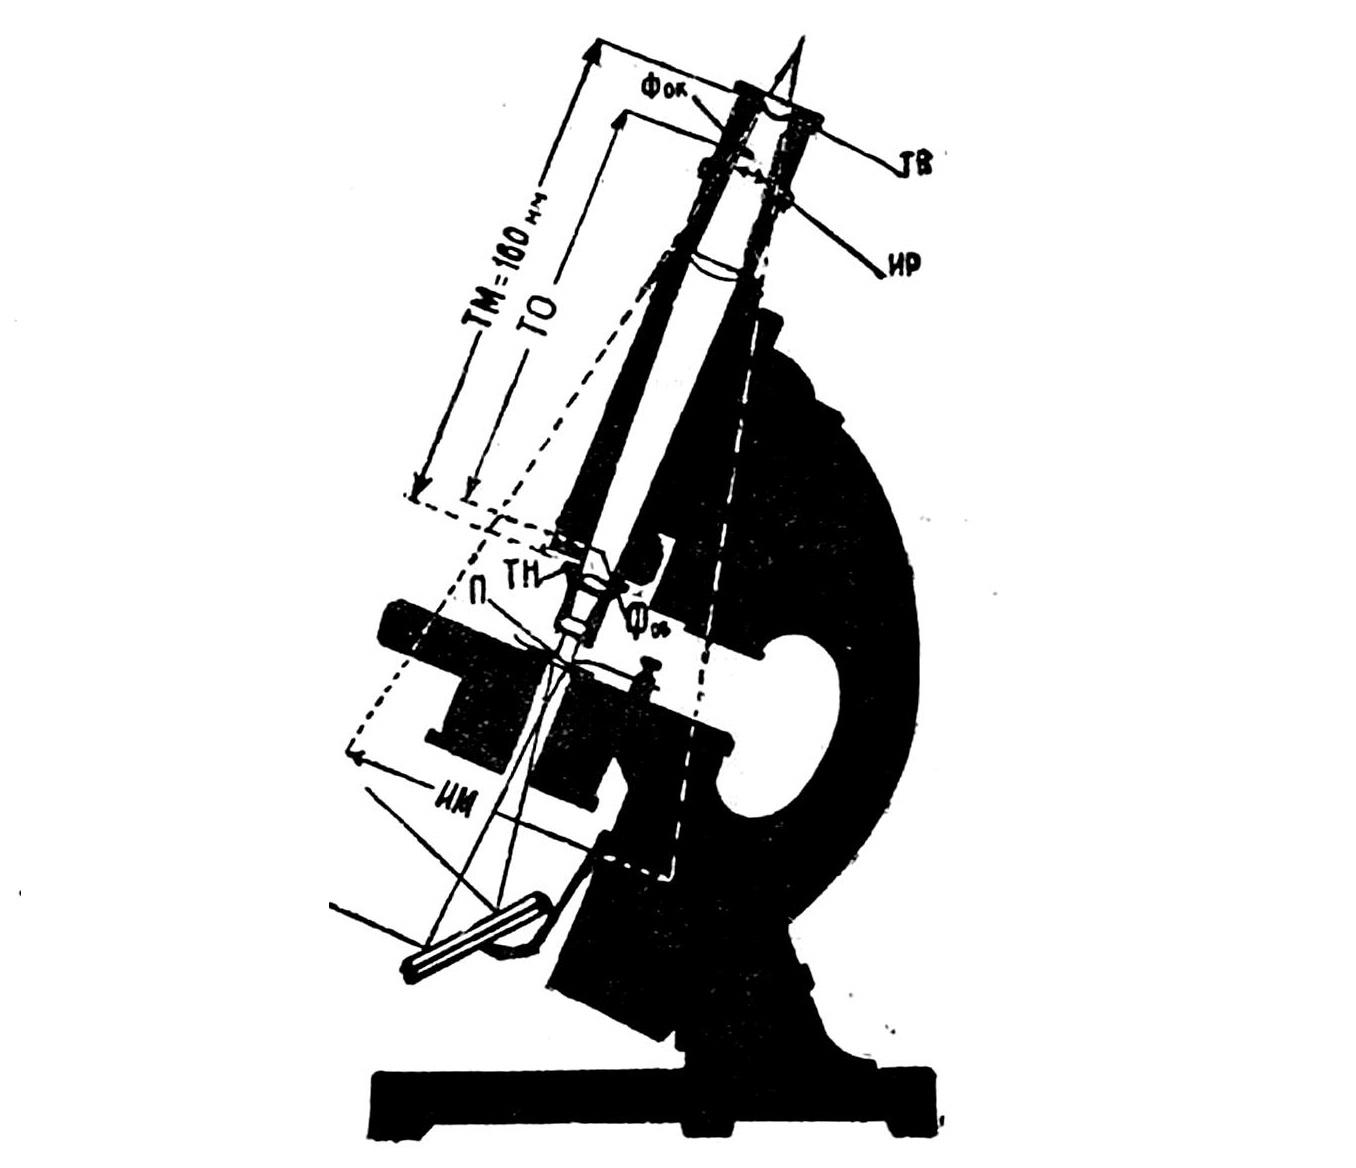 микроскоп му рис.1